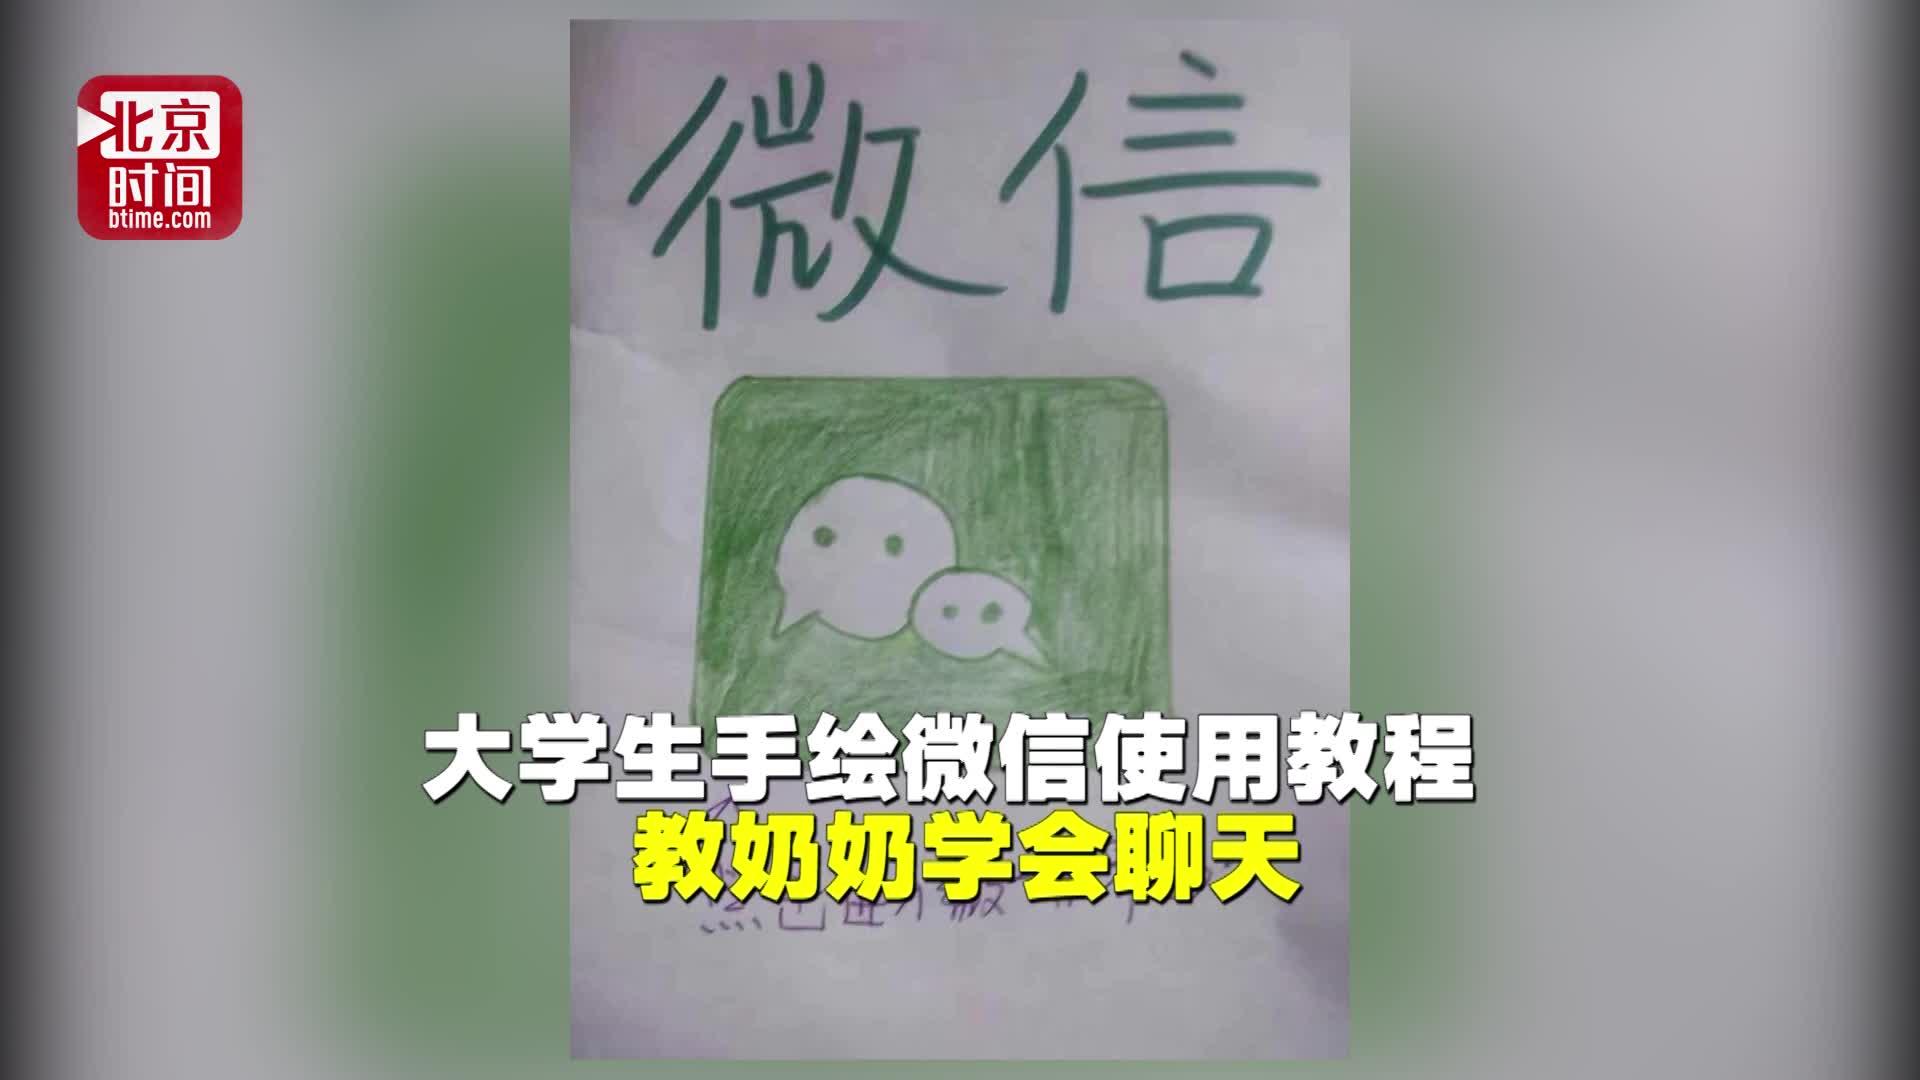 [视频]大学生手绘微信使用教程 奶奶看后几乎都学会了